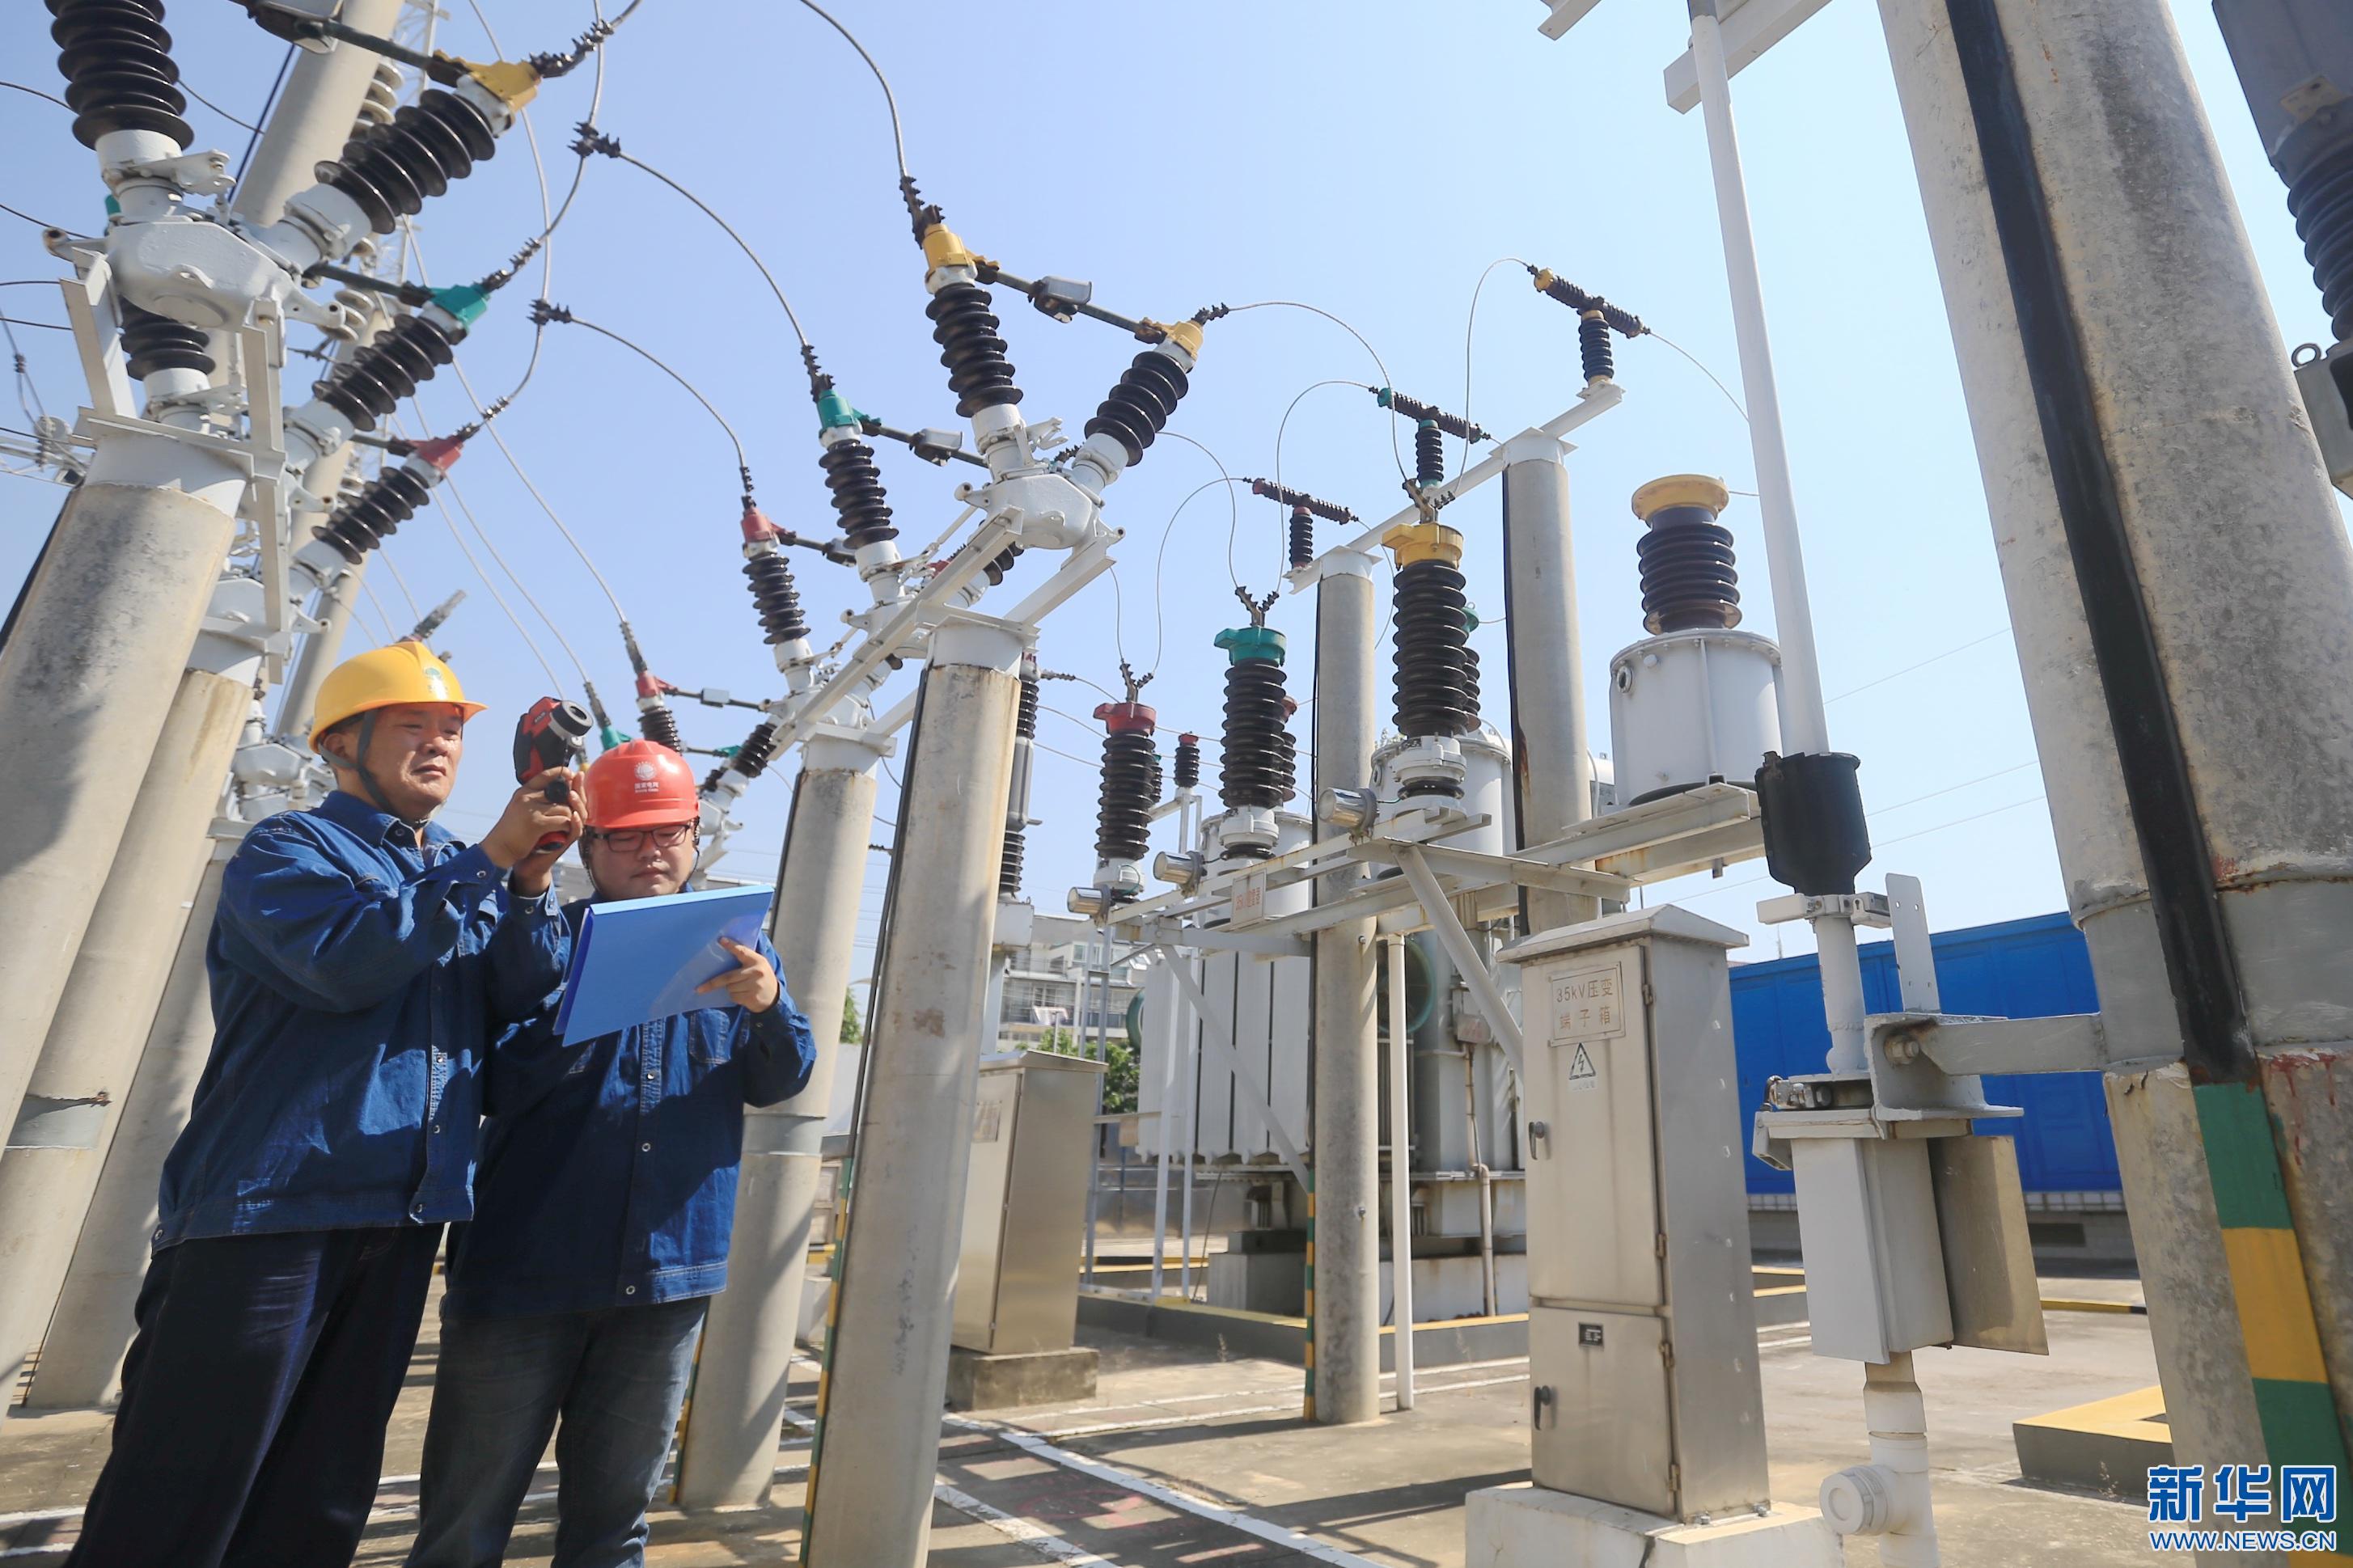 红外测温 保高温电网安全运行